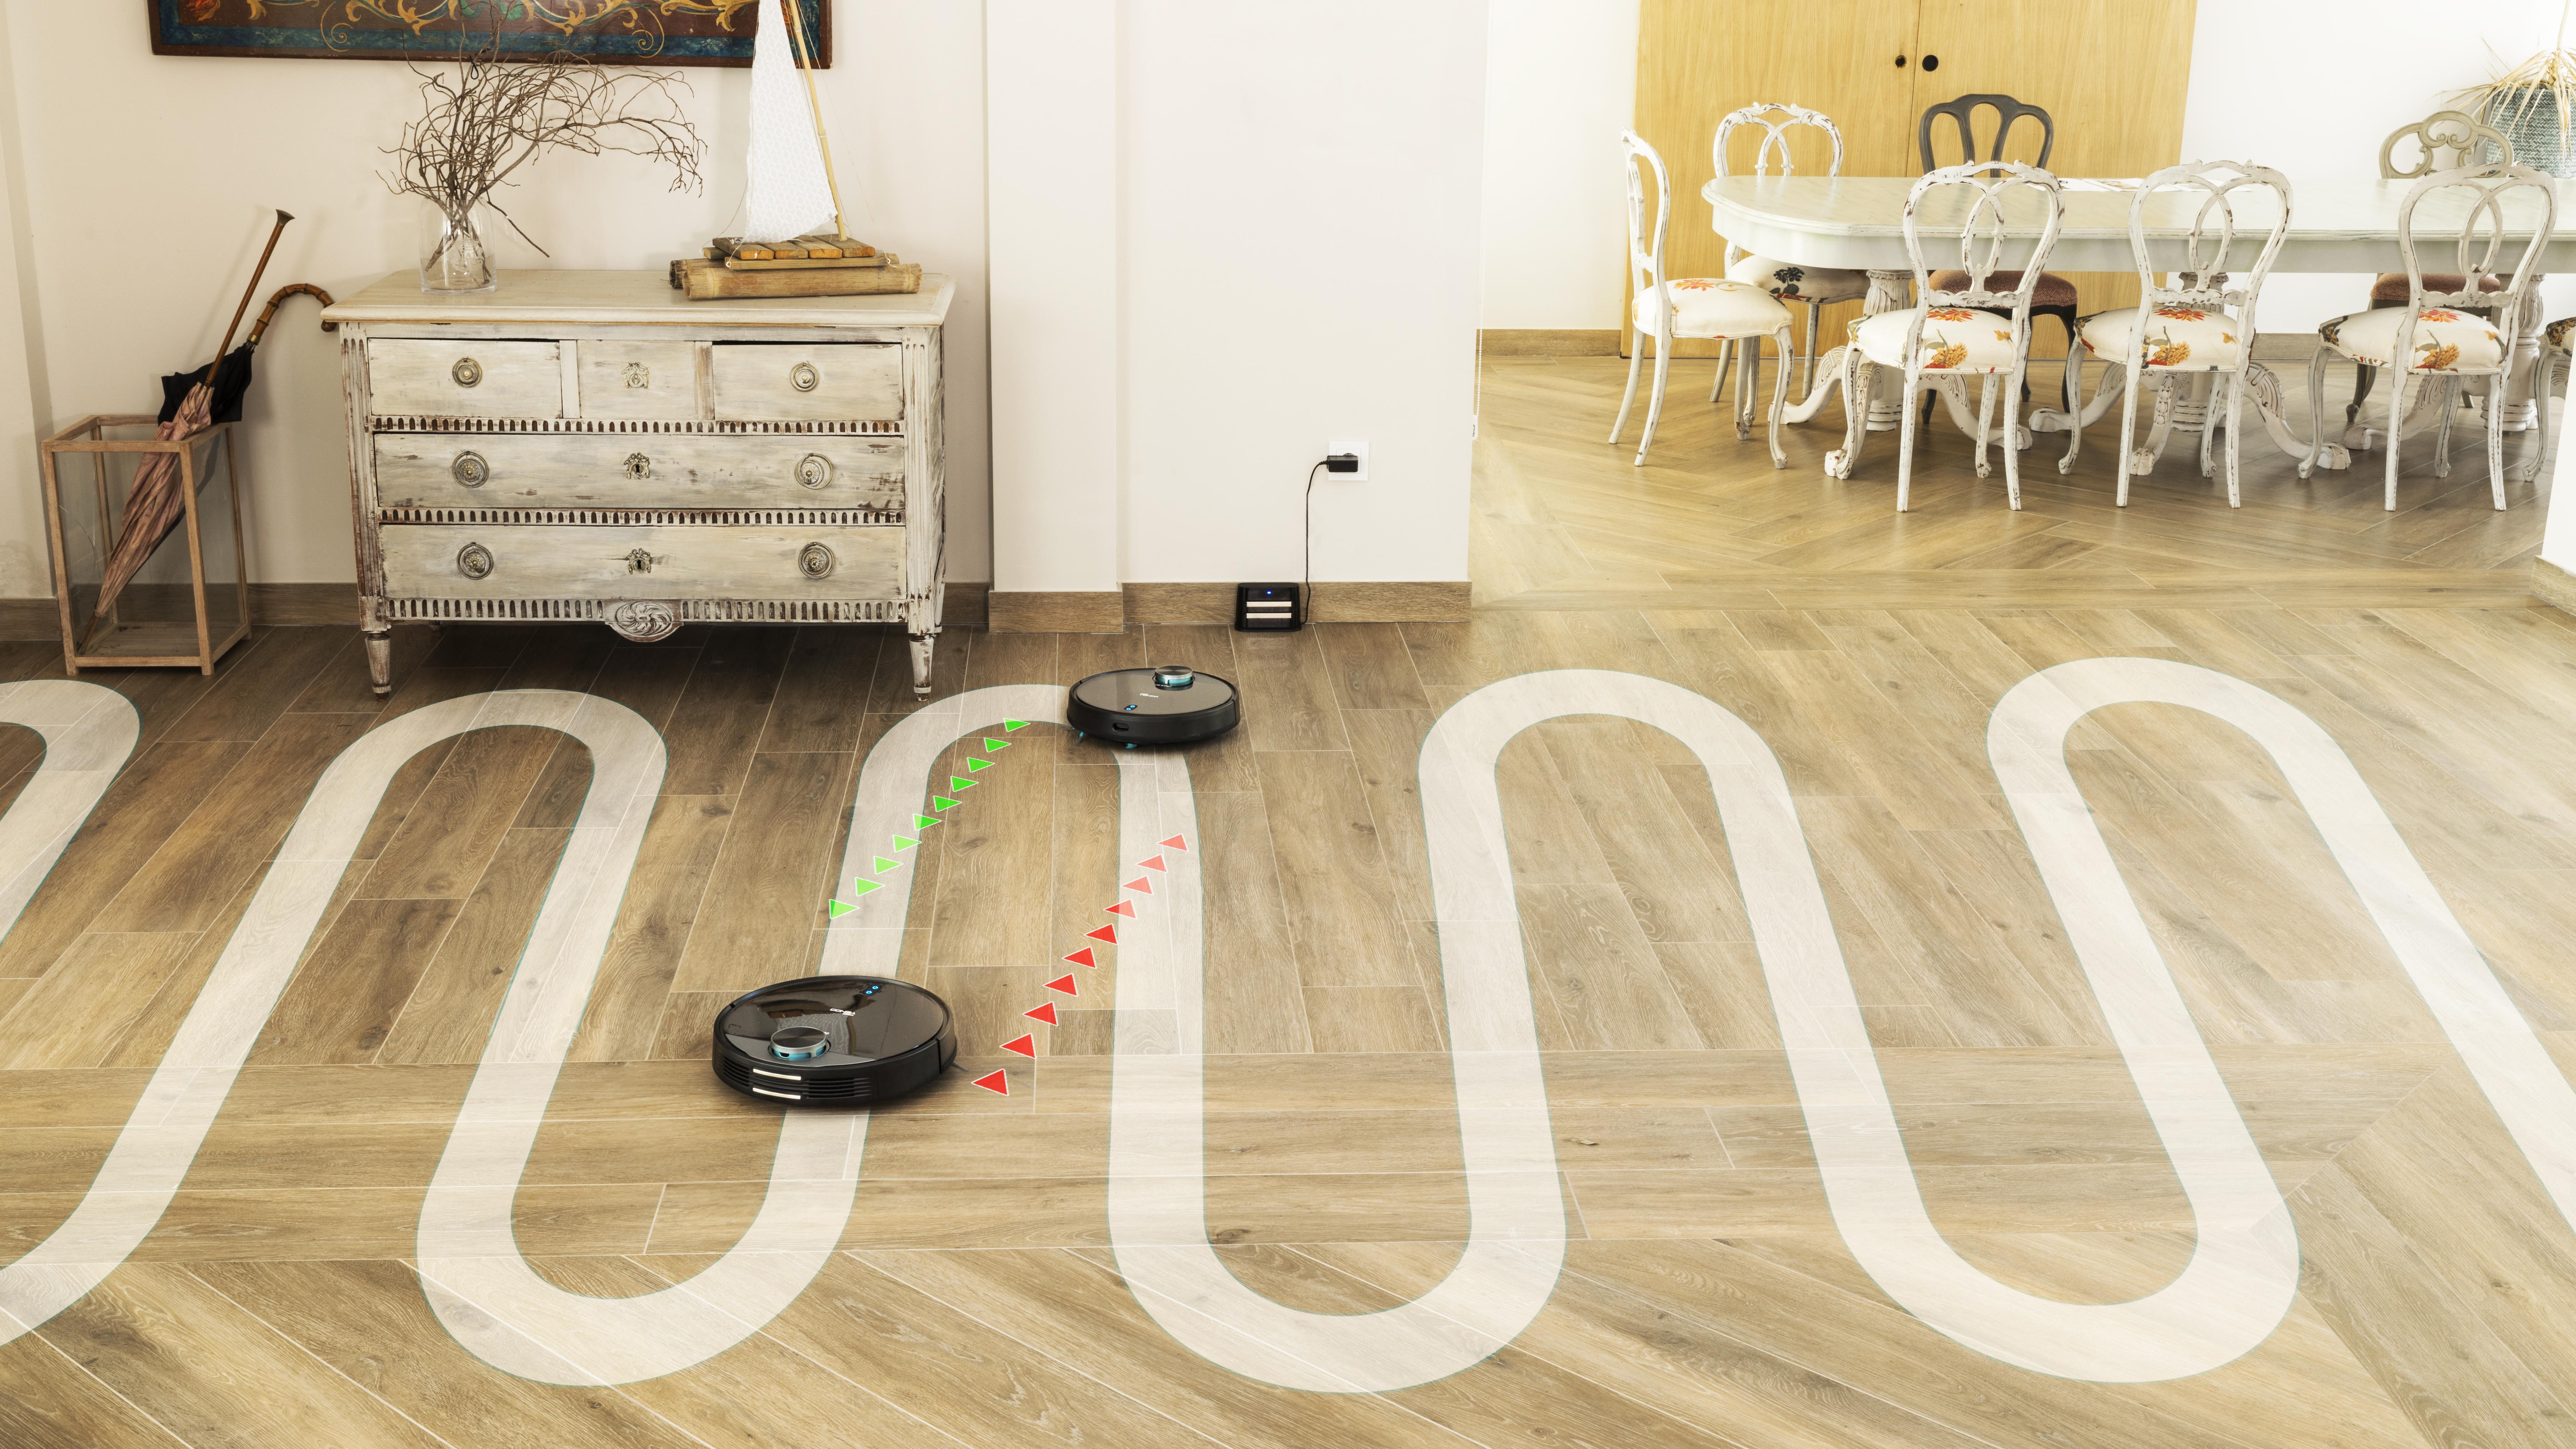 Cecotec presenta la nueva serie Conga 3890 con mapeo láser profesional